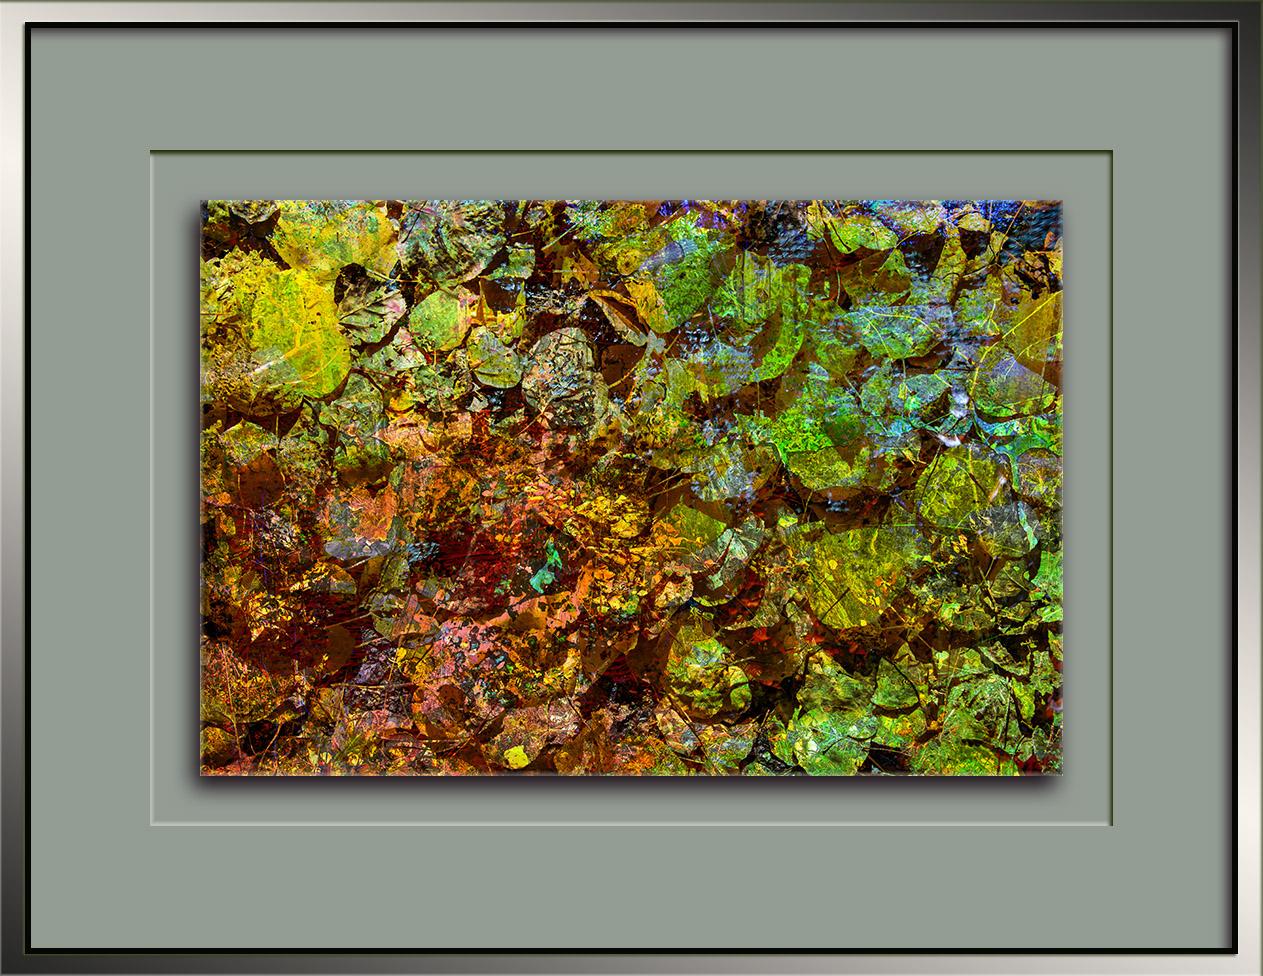 fall-colors-1-of-1-art-iii-blog